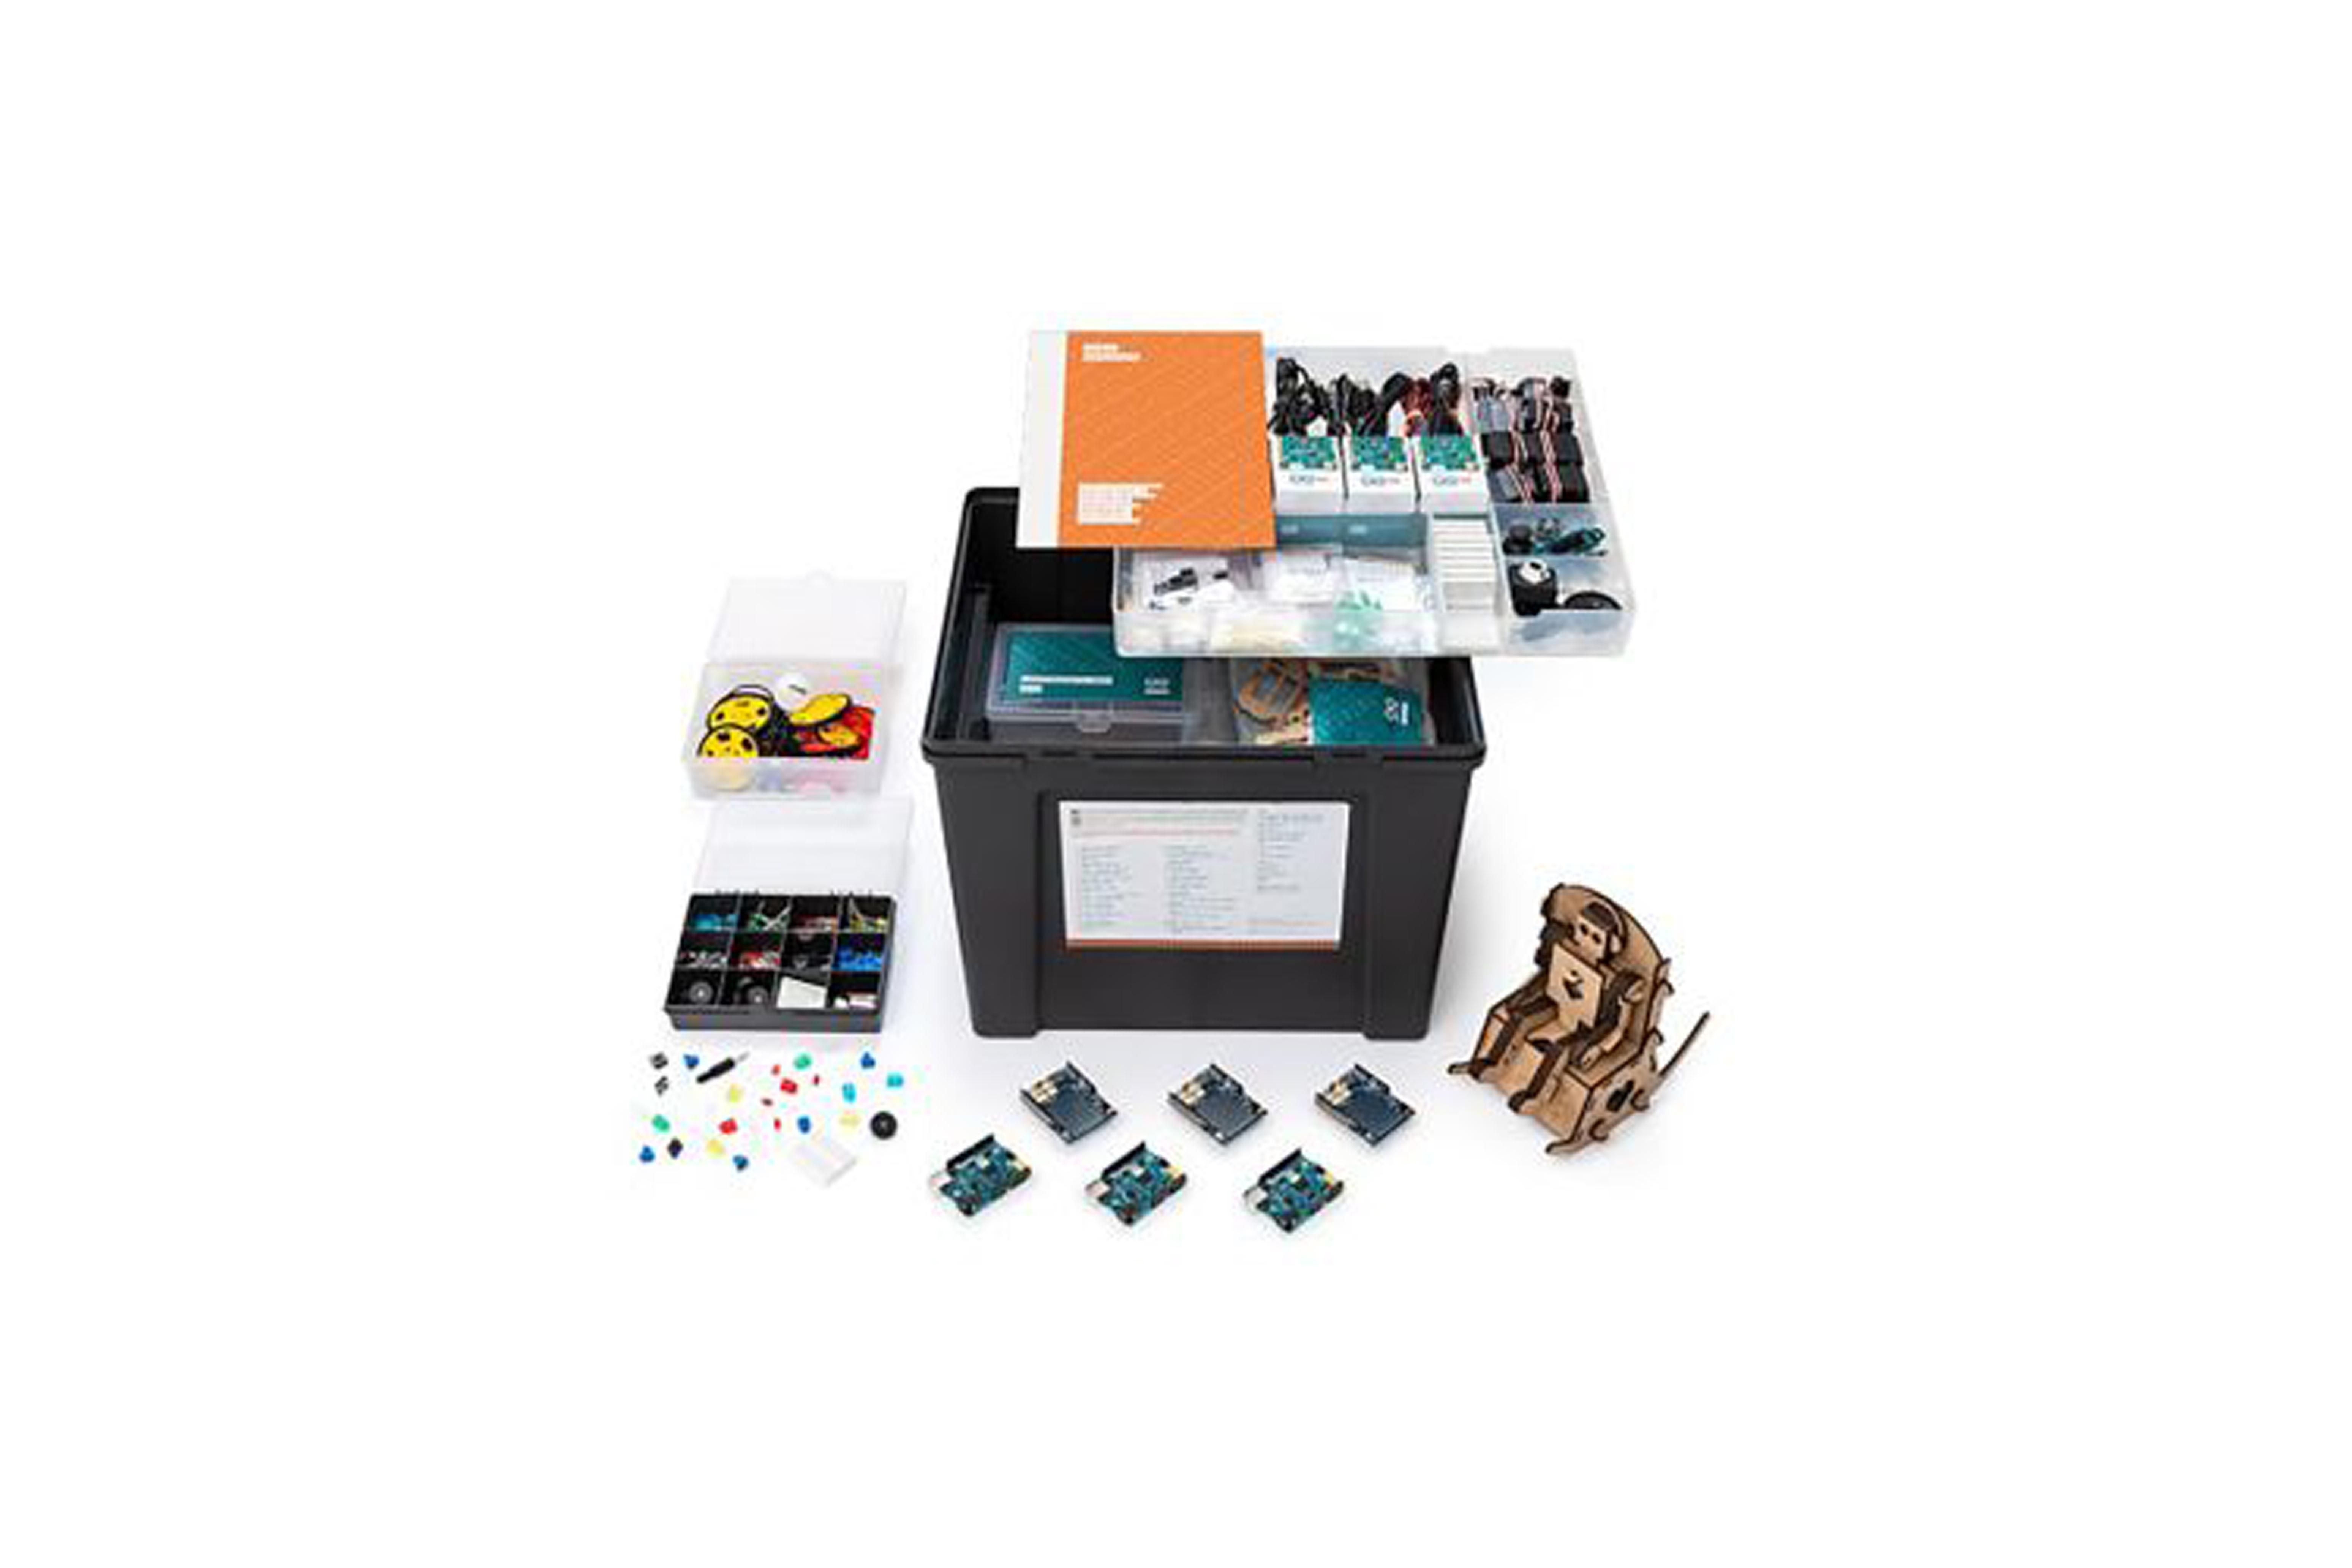 Kit de développement pédagogique CTC 101 Arduino STEAM